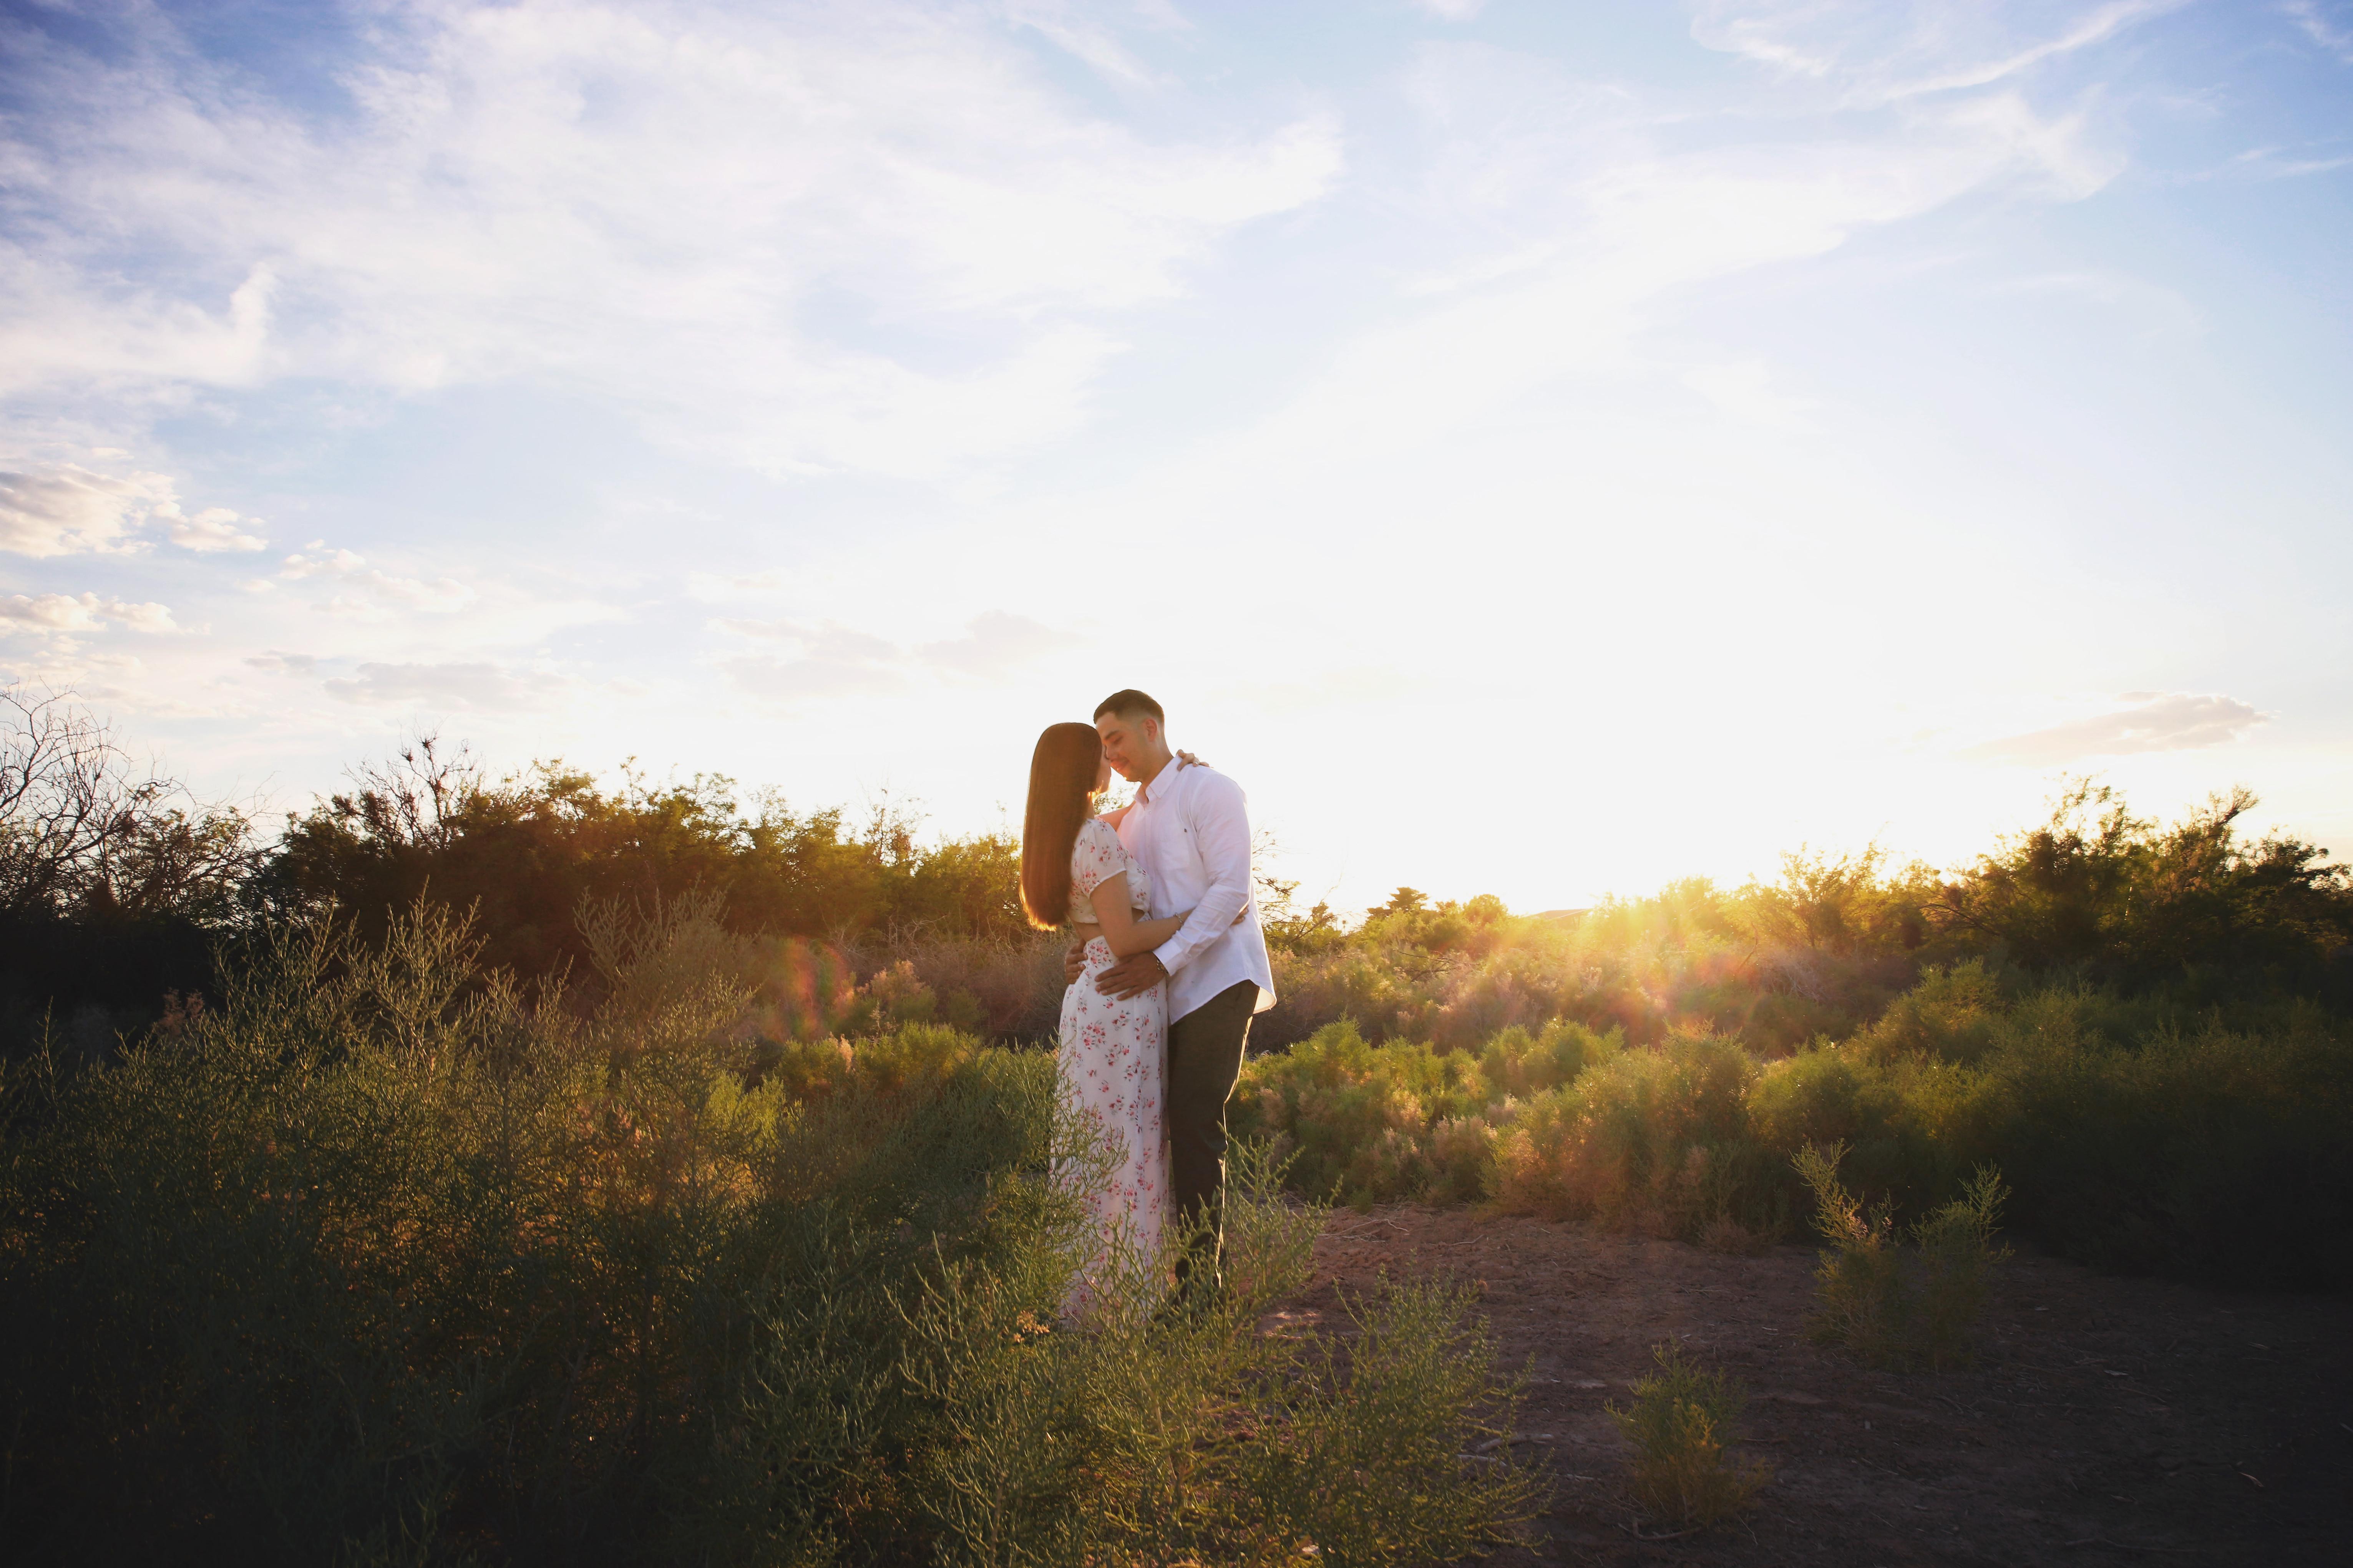 Engagement Photography A La Carte'